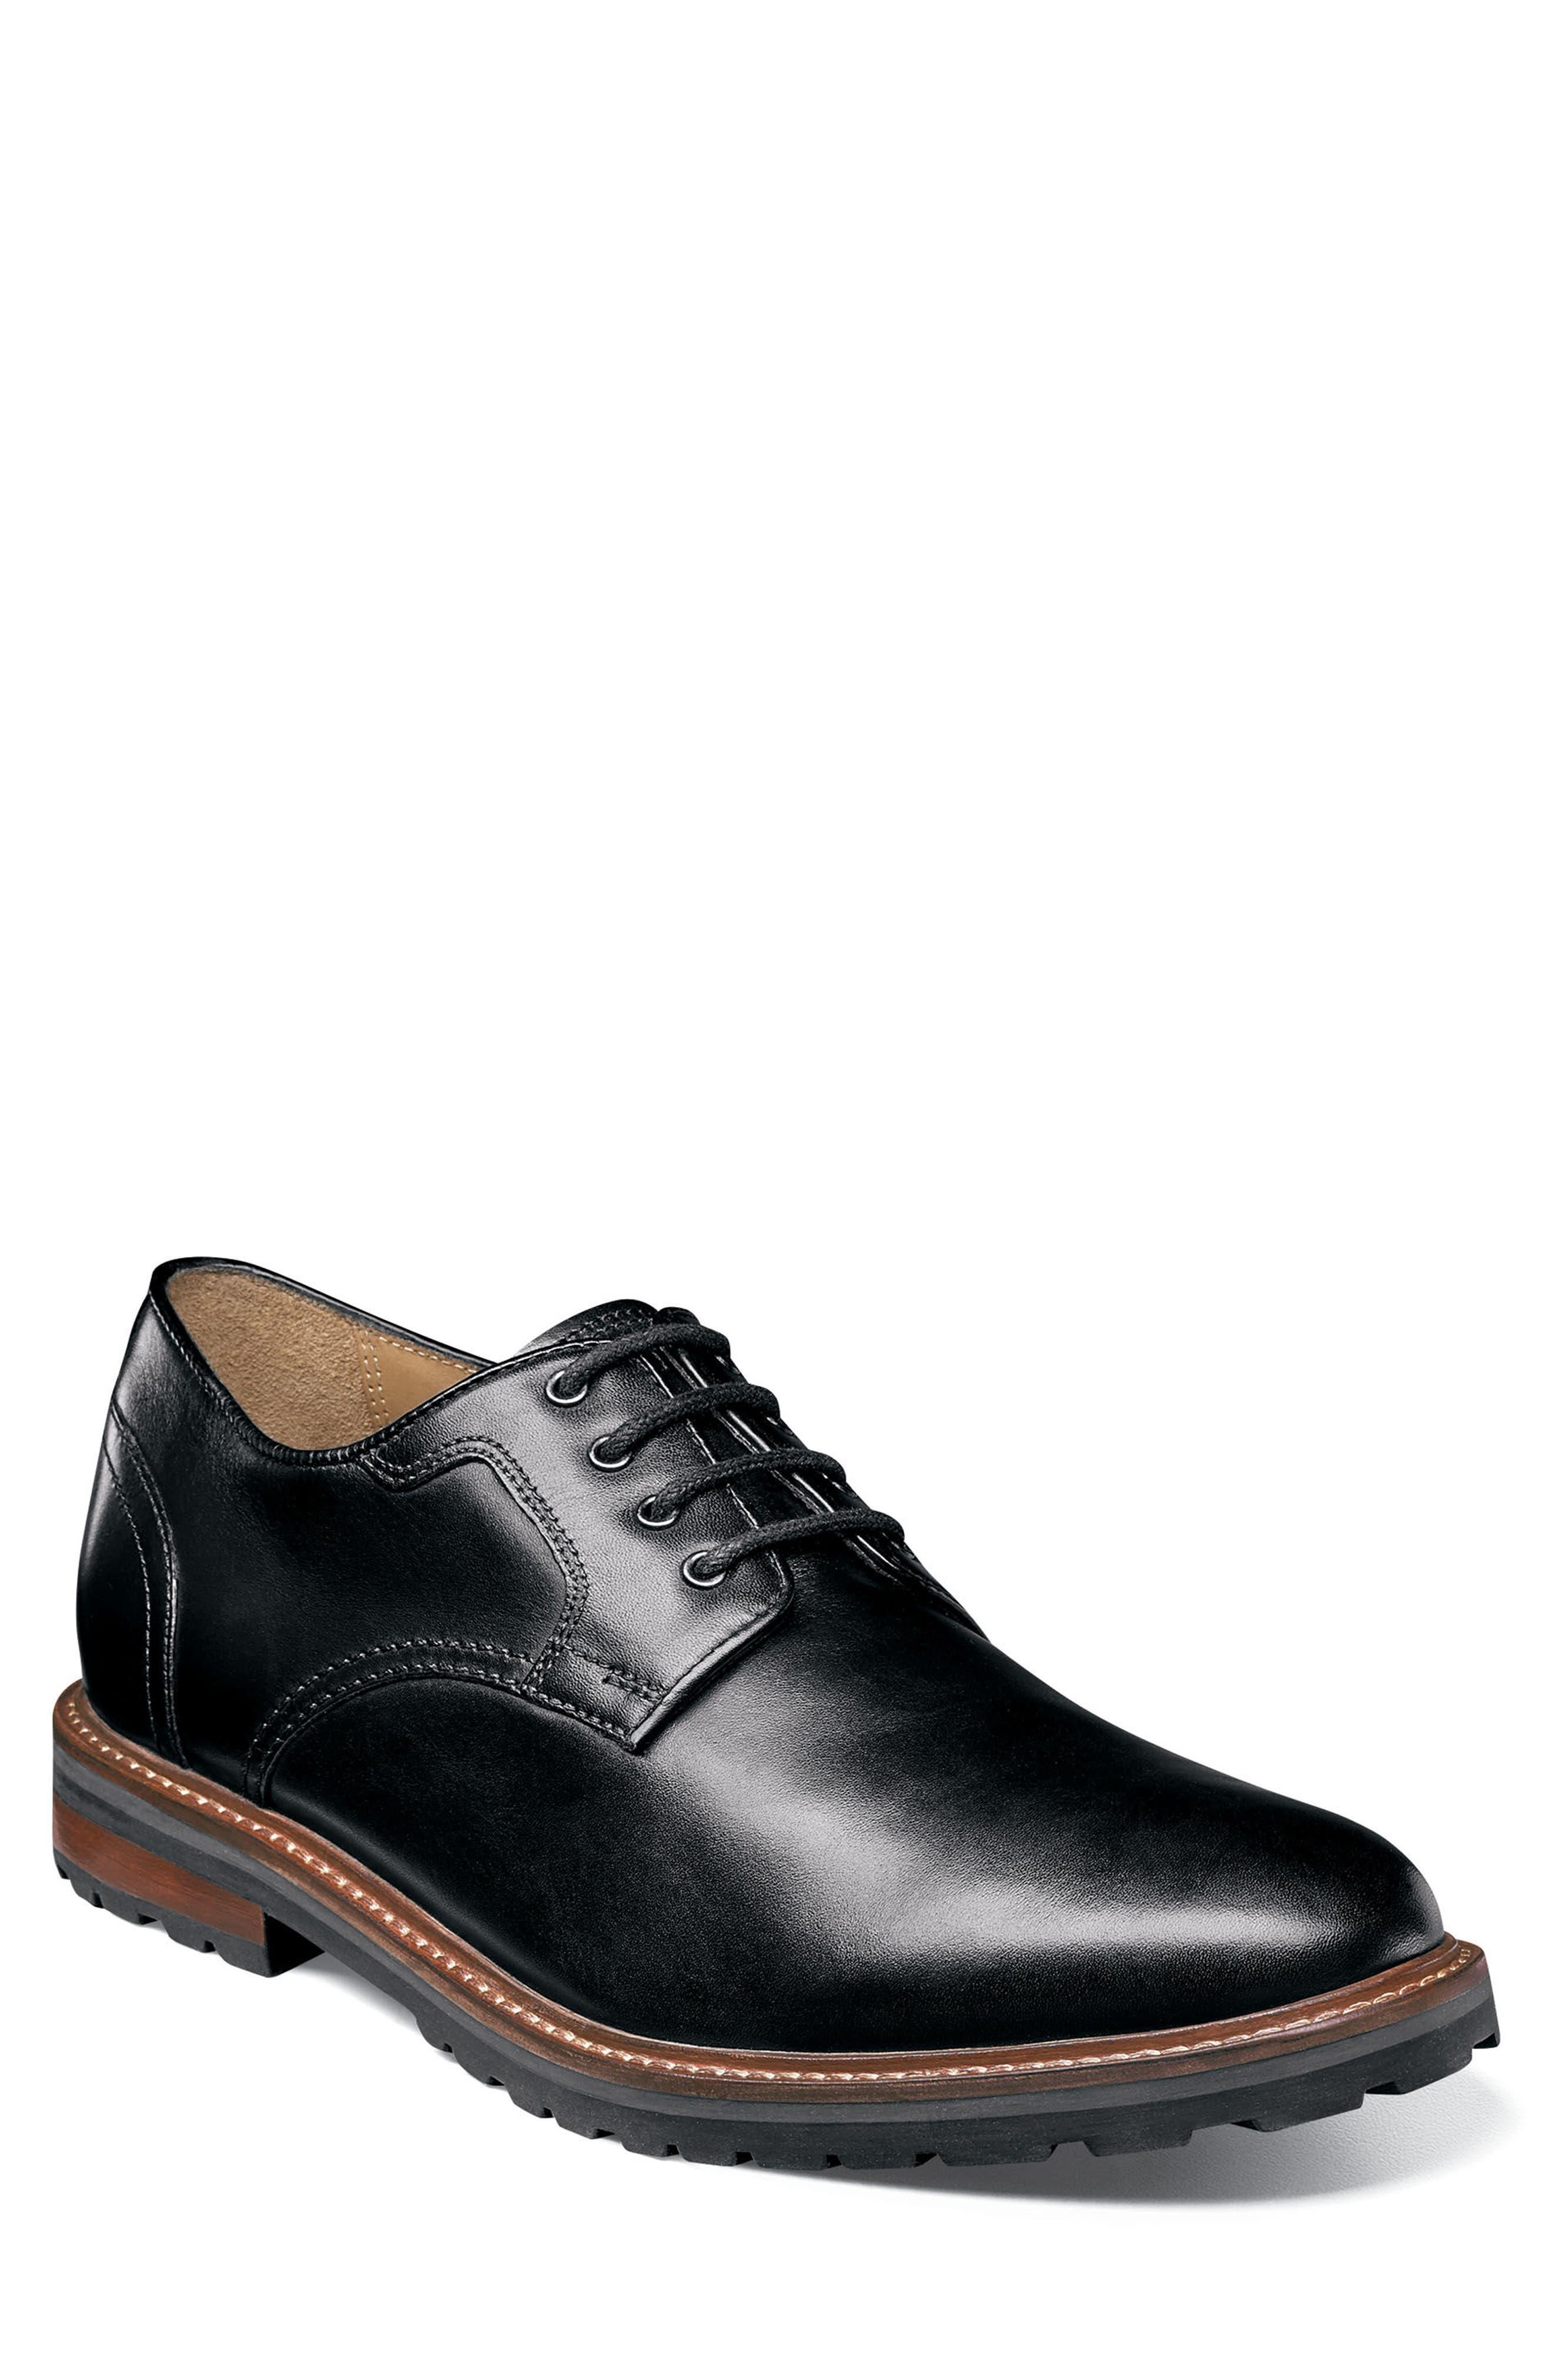 Estabrook Plain Toe Derby,                         Main,                         color, Black